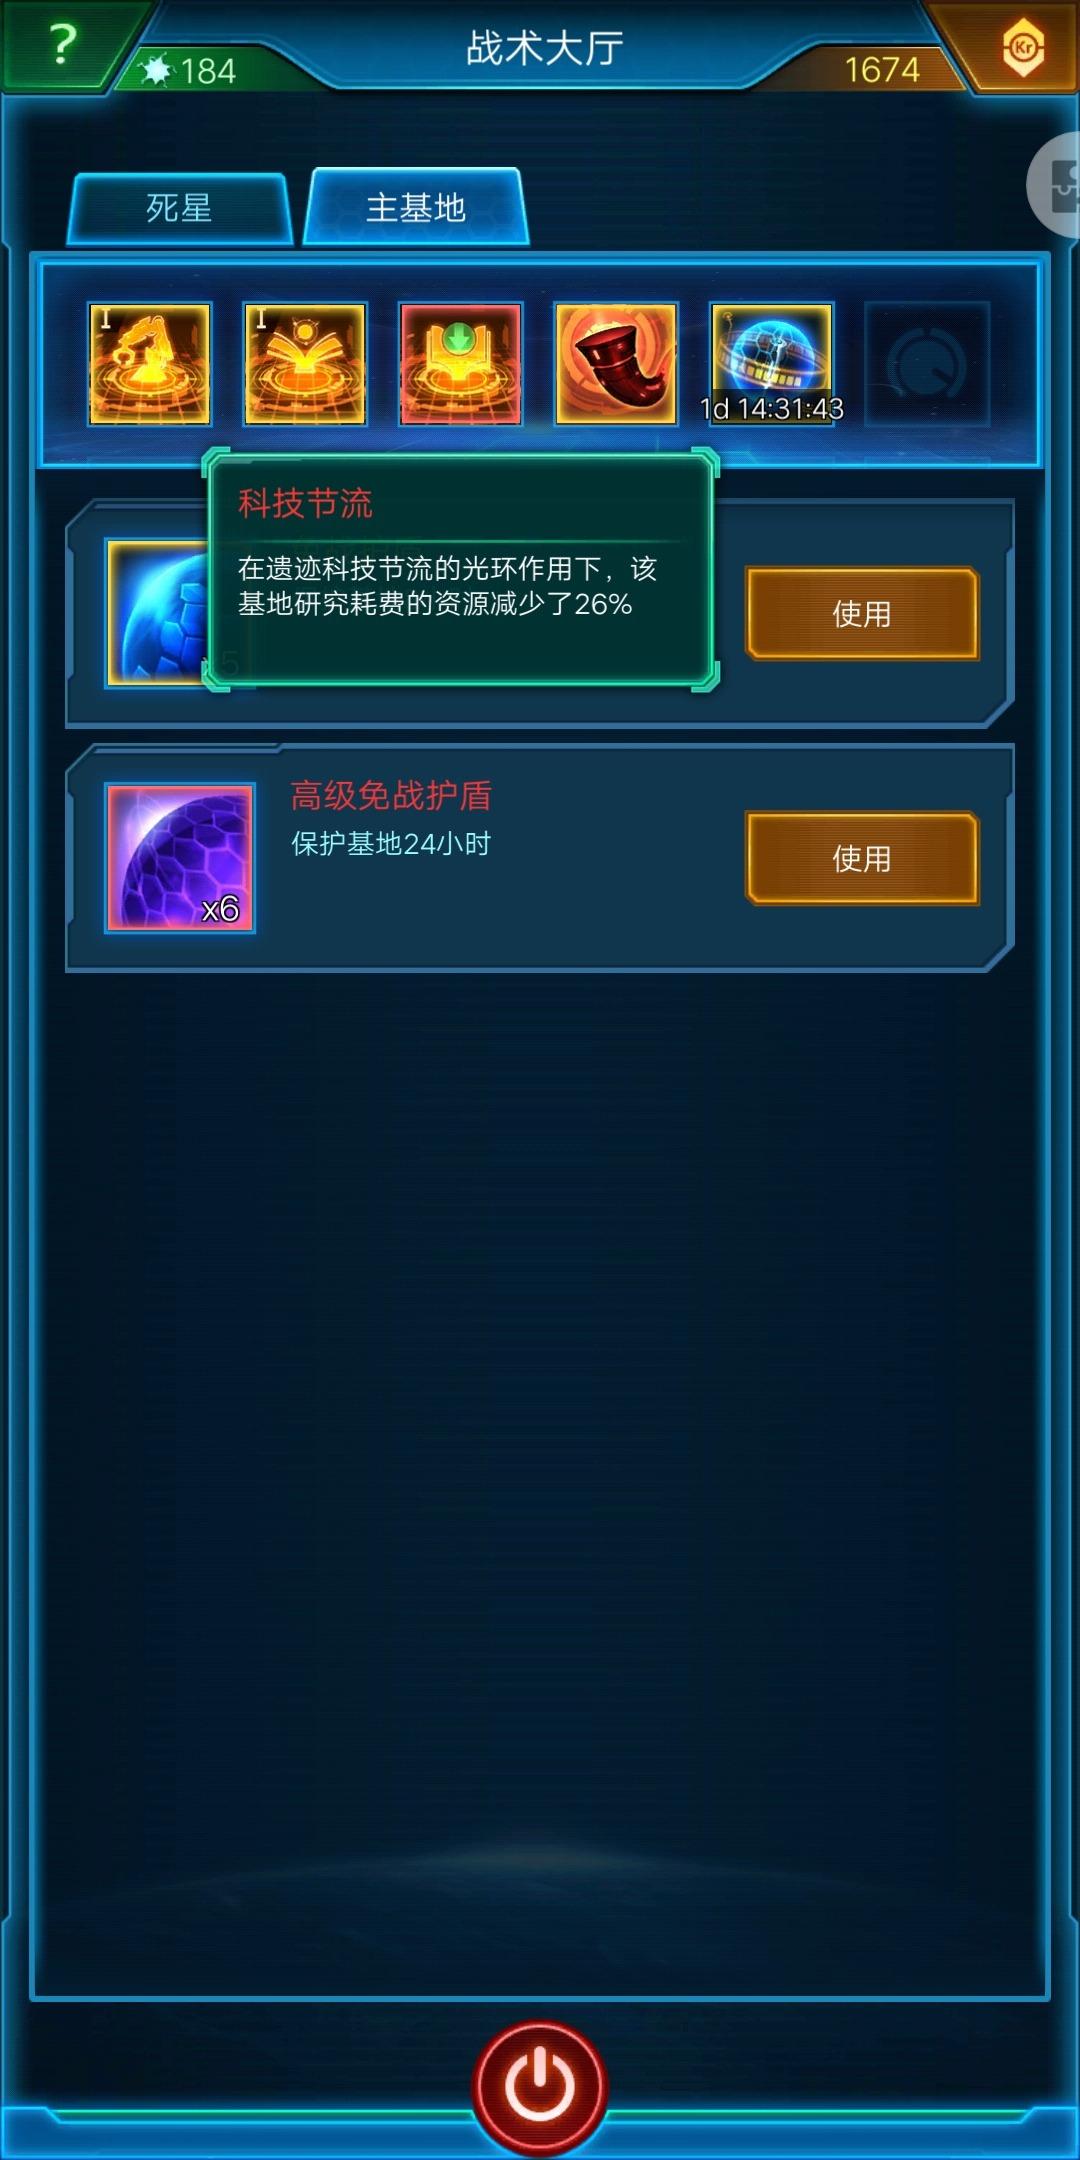 Screenshot_20190905_095439.jpg